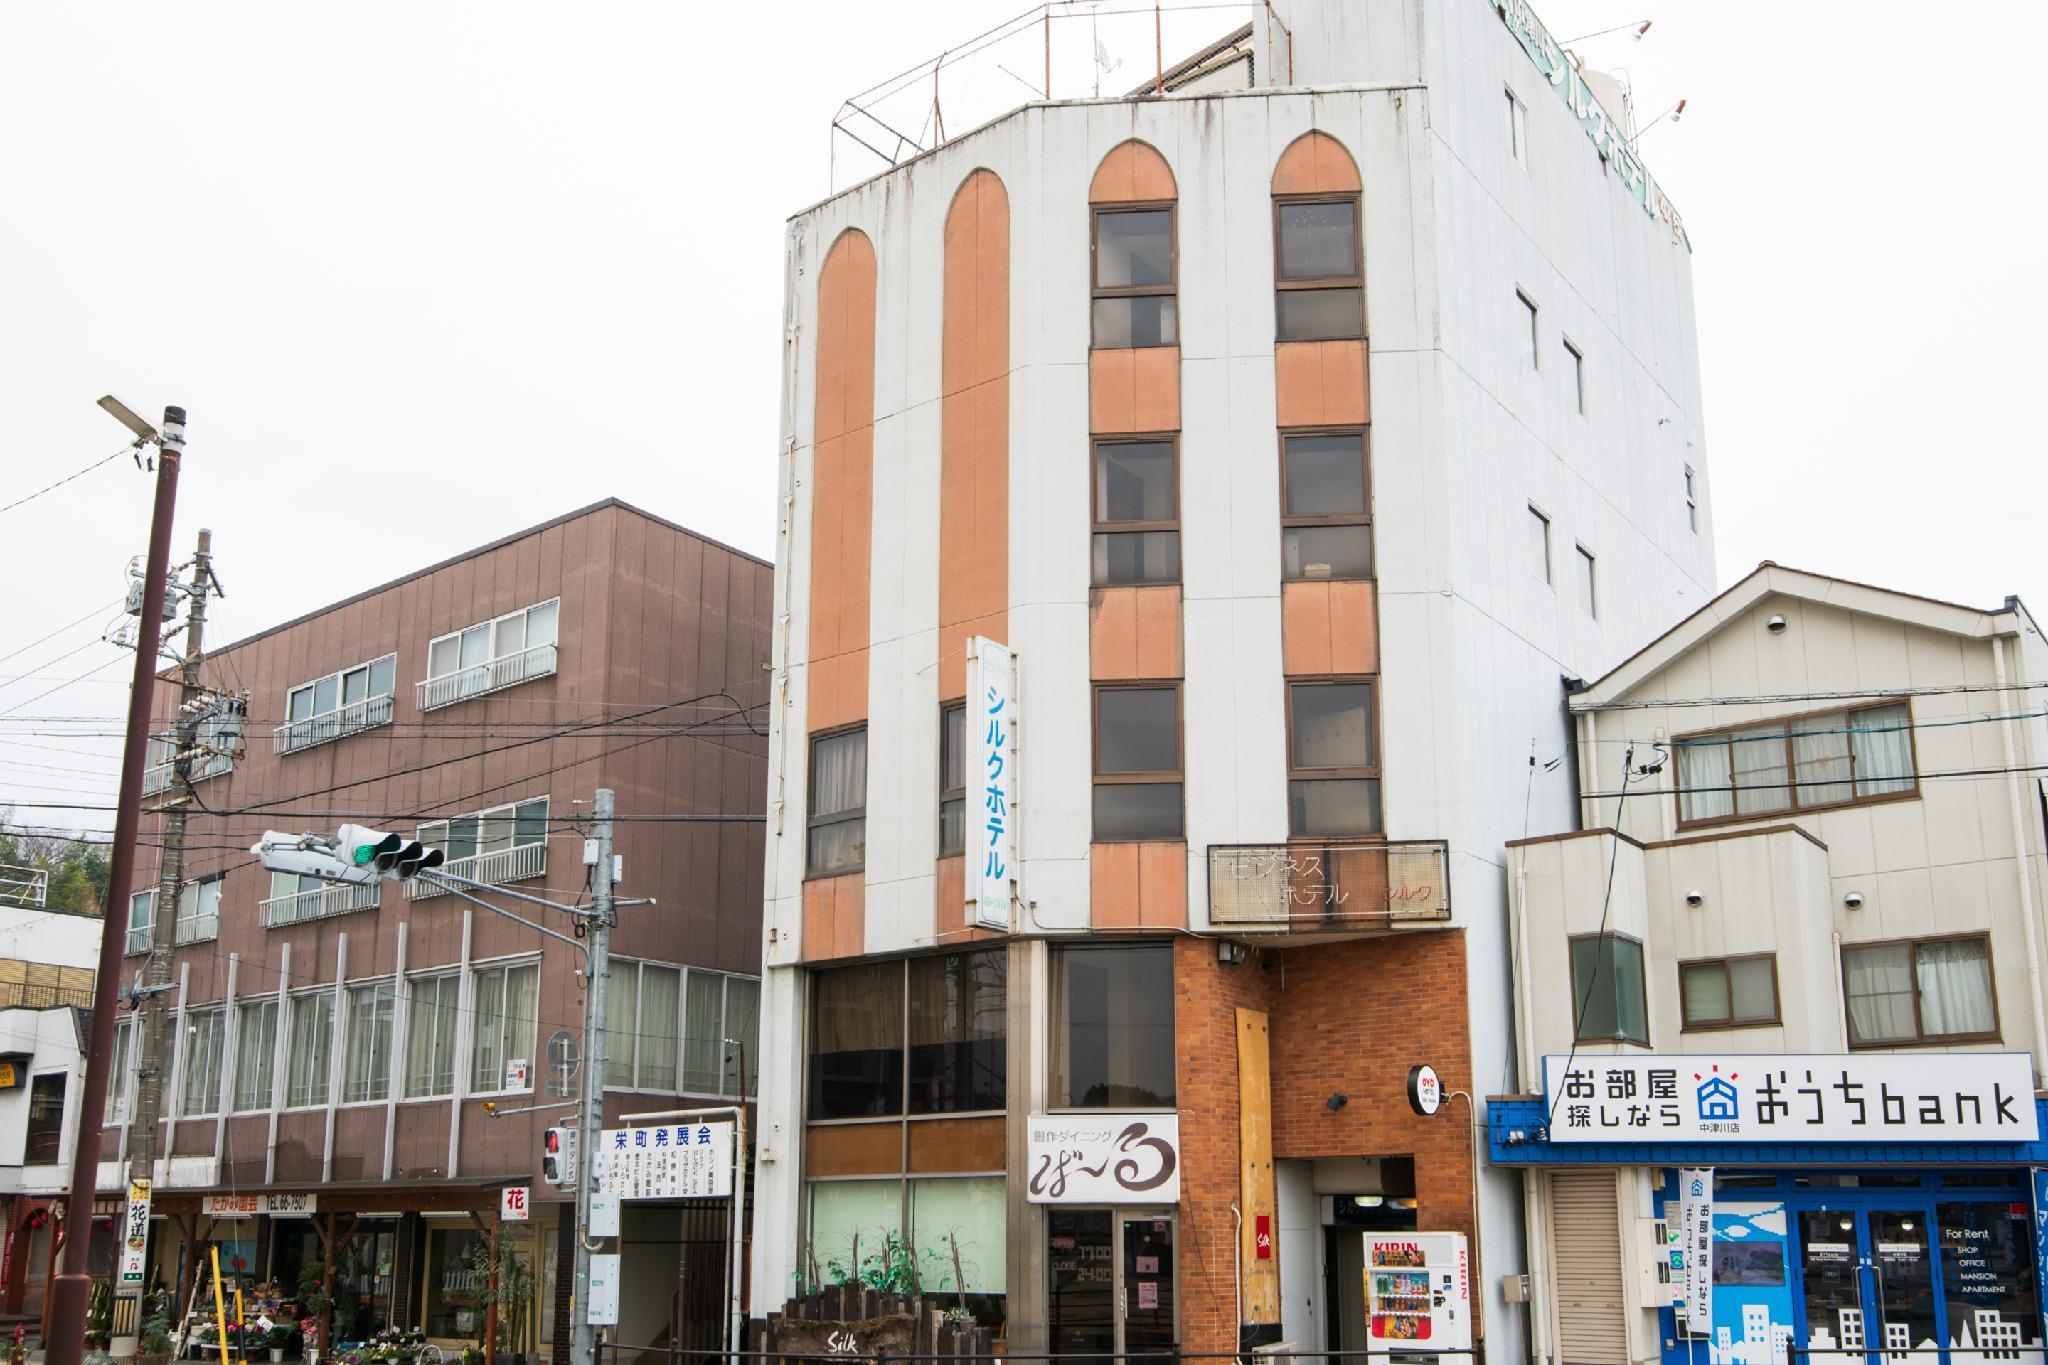 OYO Hotel Silk Nakatsugawa Sakaemachi